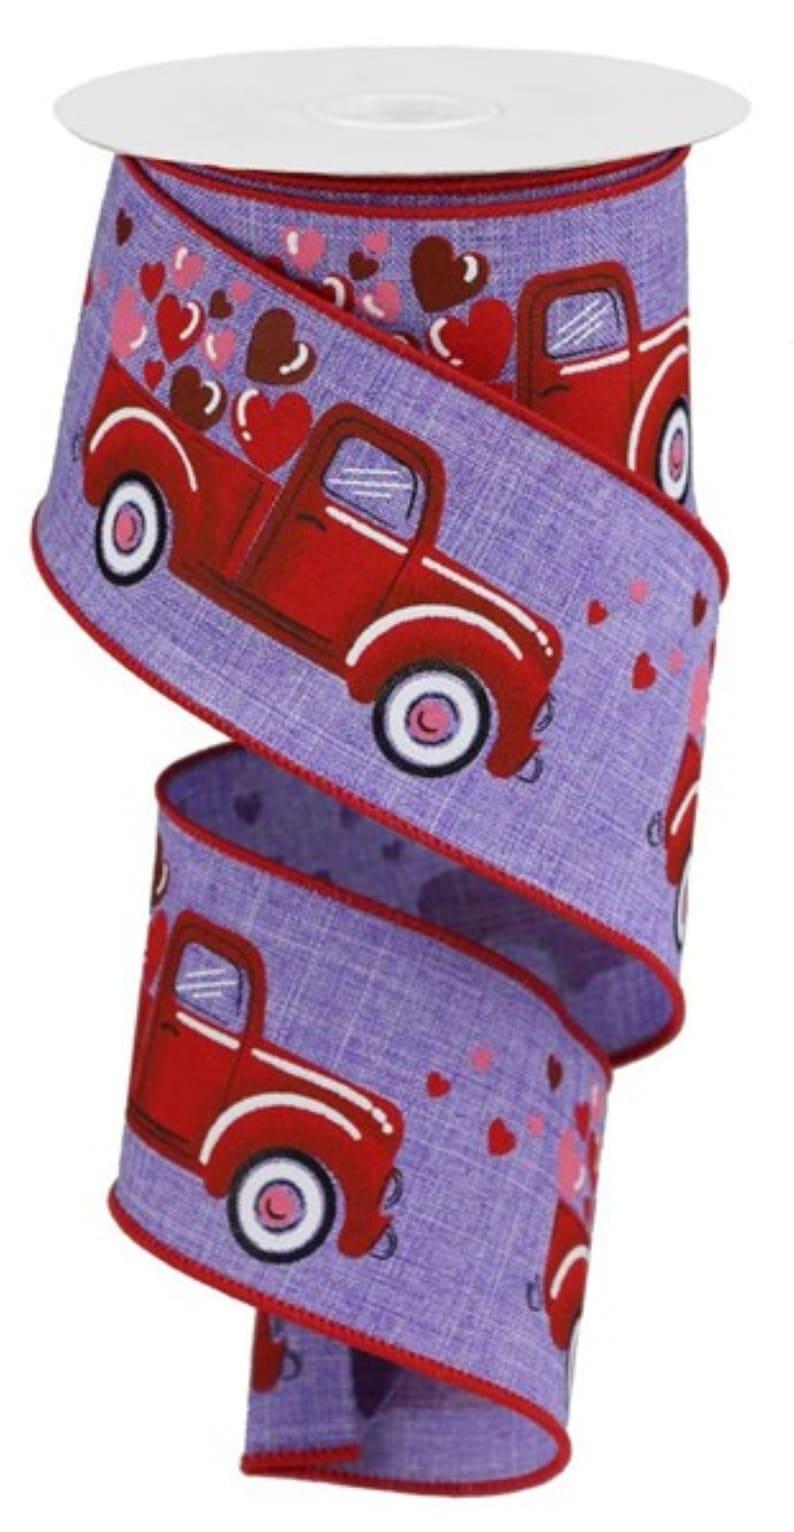 2.5 Truck Hearts Royal Ribbon 10 Yards Lavender